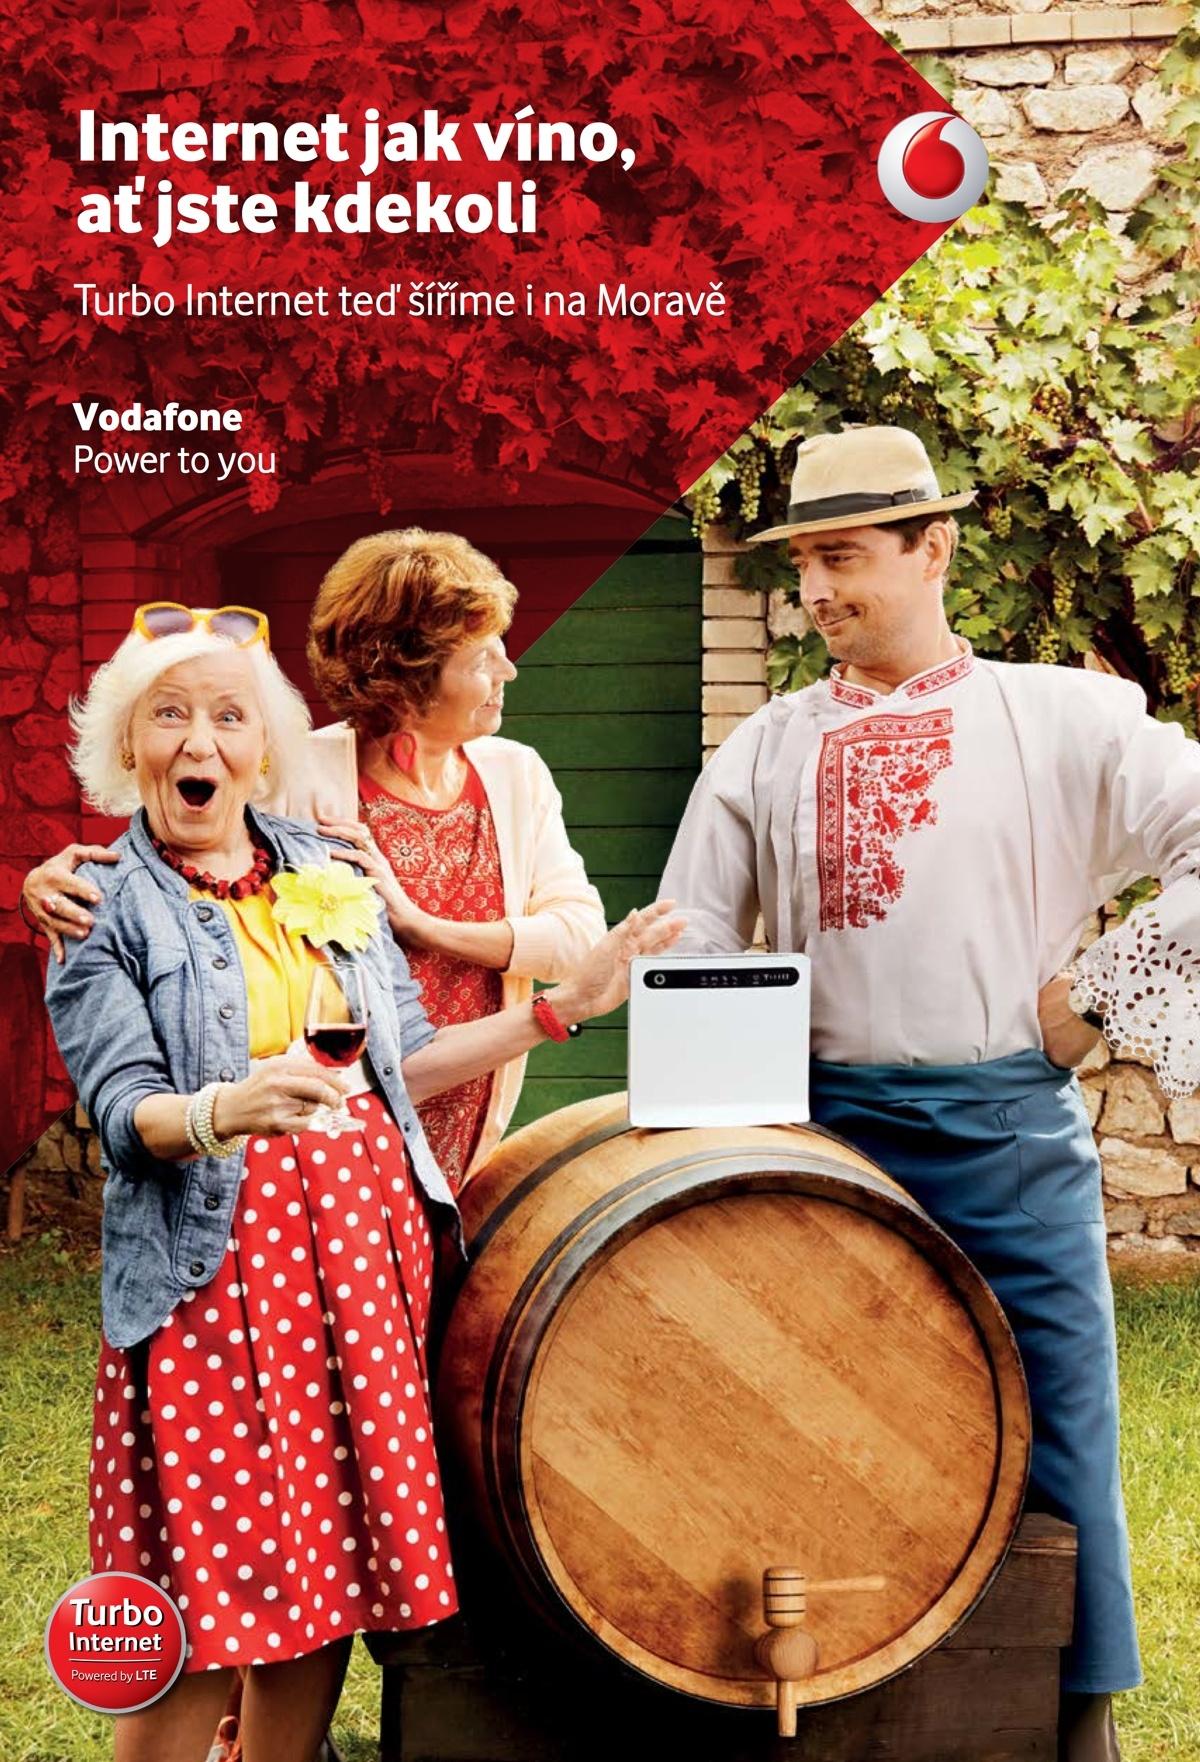 Turbo internet - Internet jak víno